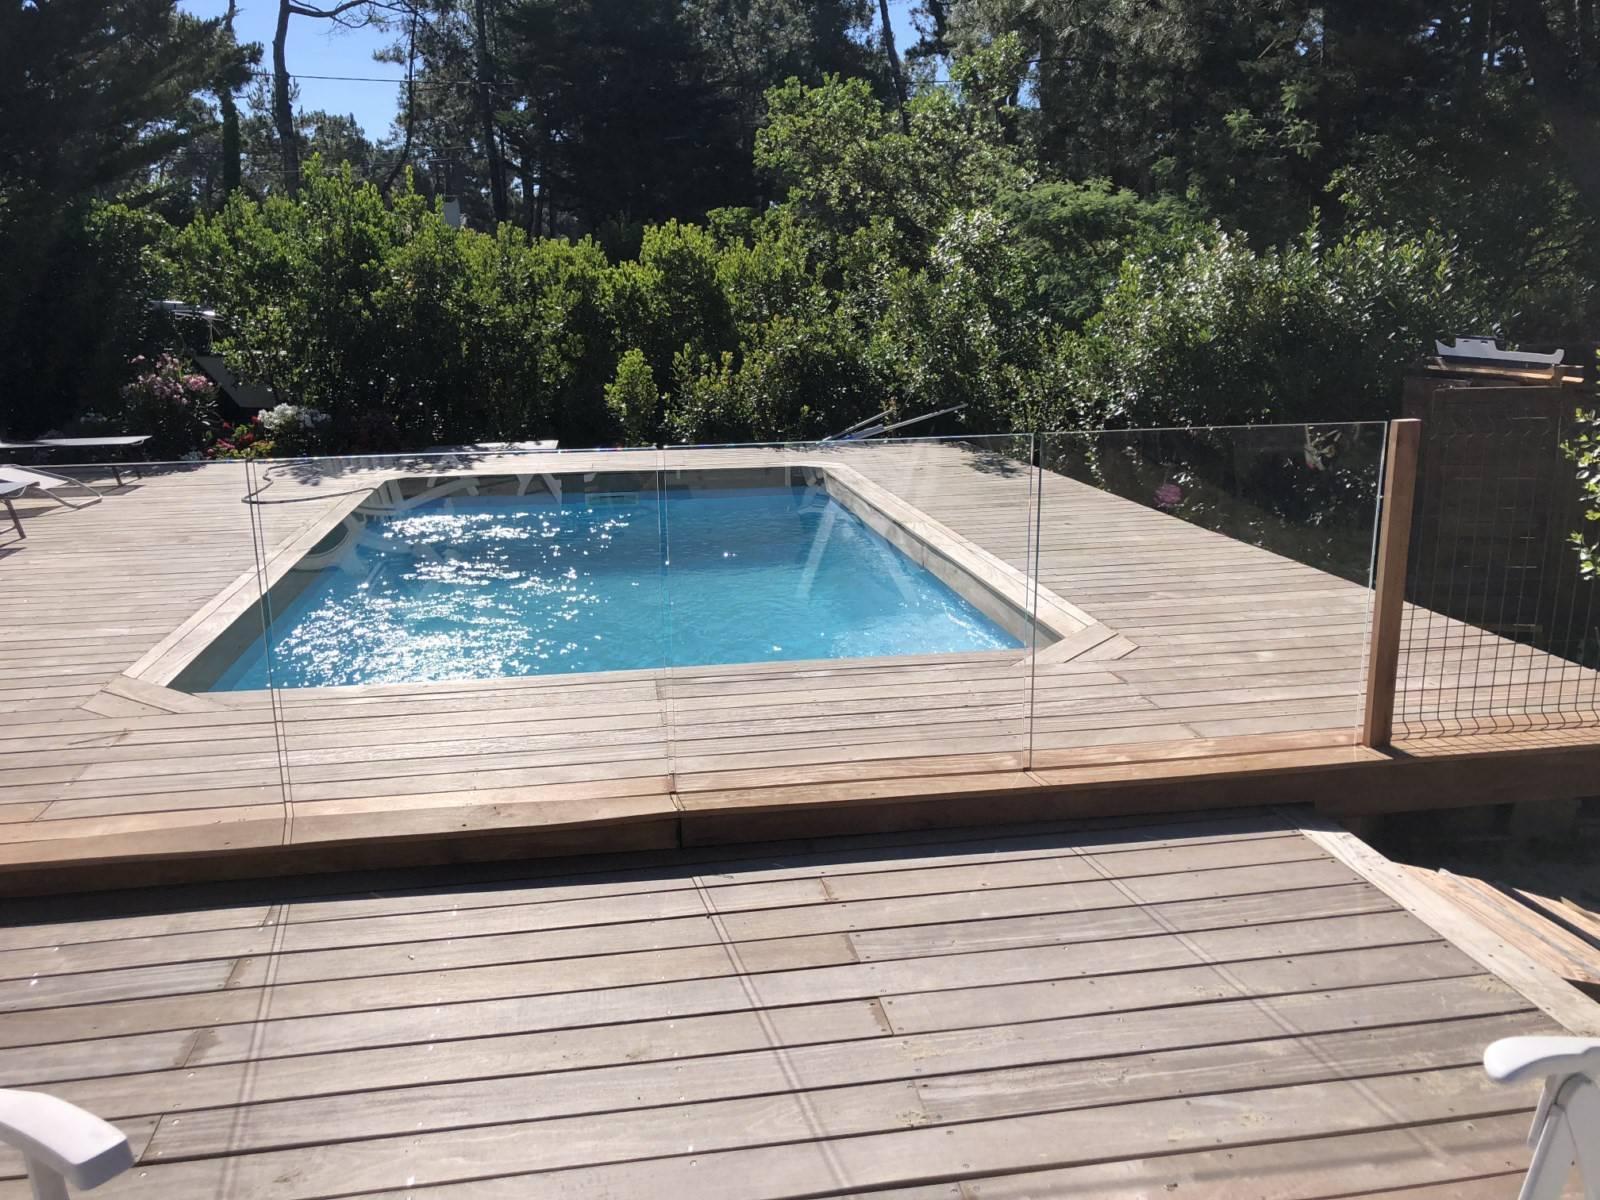 Piscine Bois Avec Terrasse création d'abords de piscine avec une terrasse en bois sur